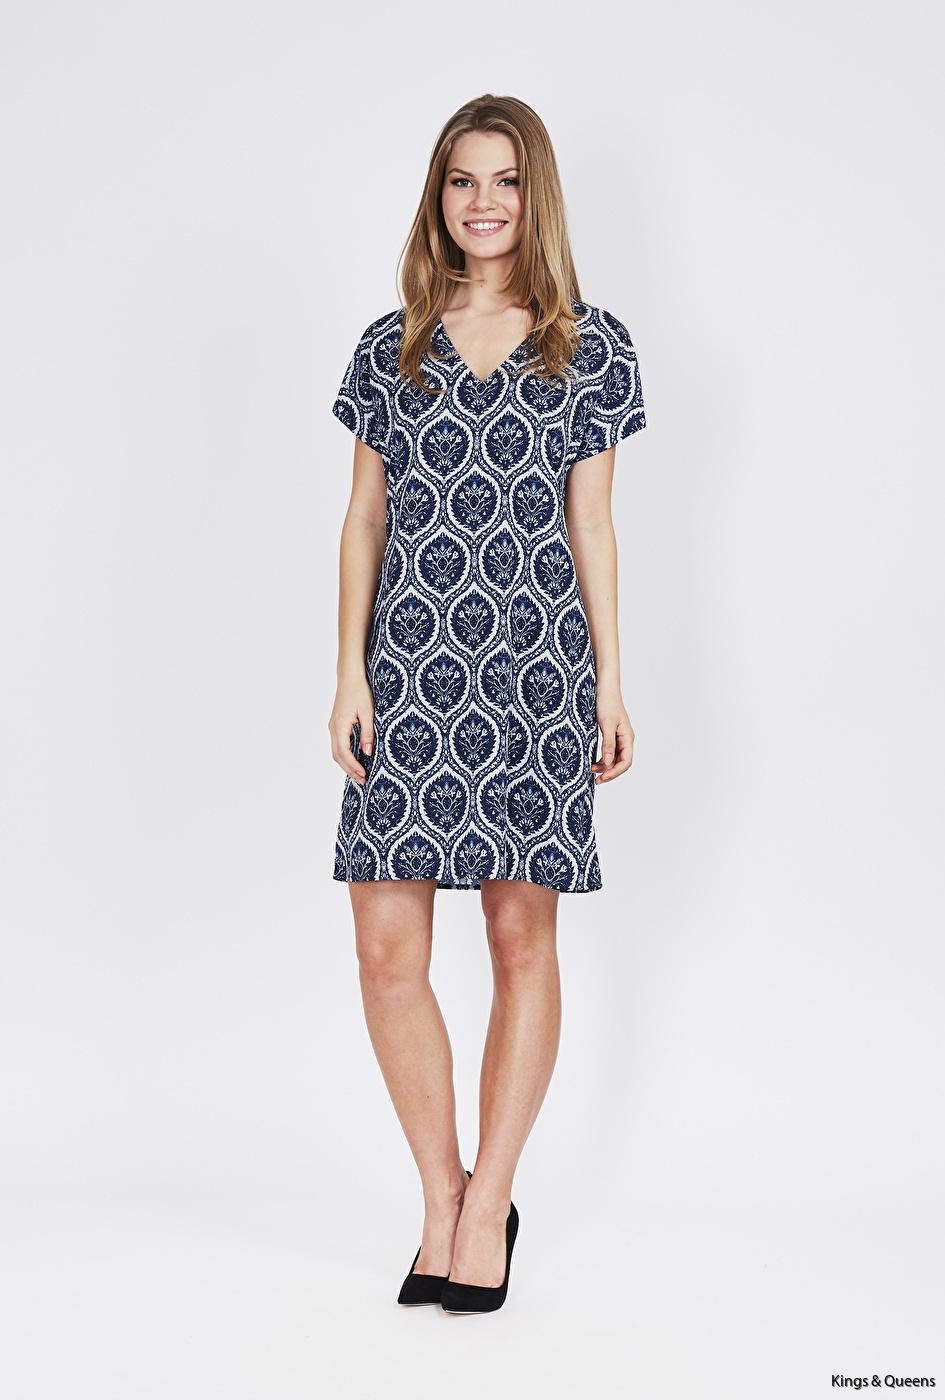 DL-17-07-21-P Hide dress